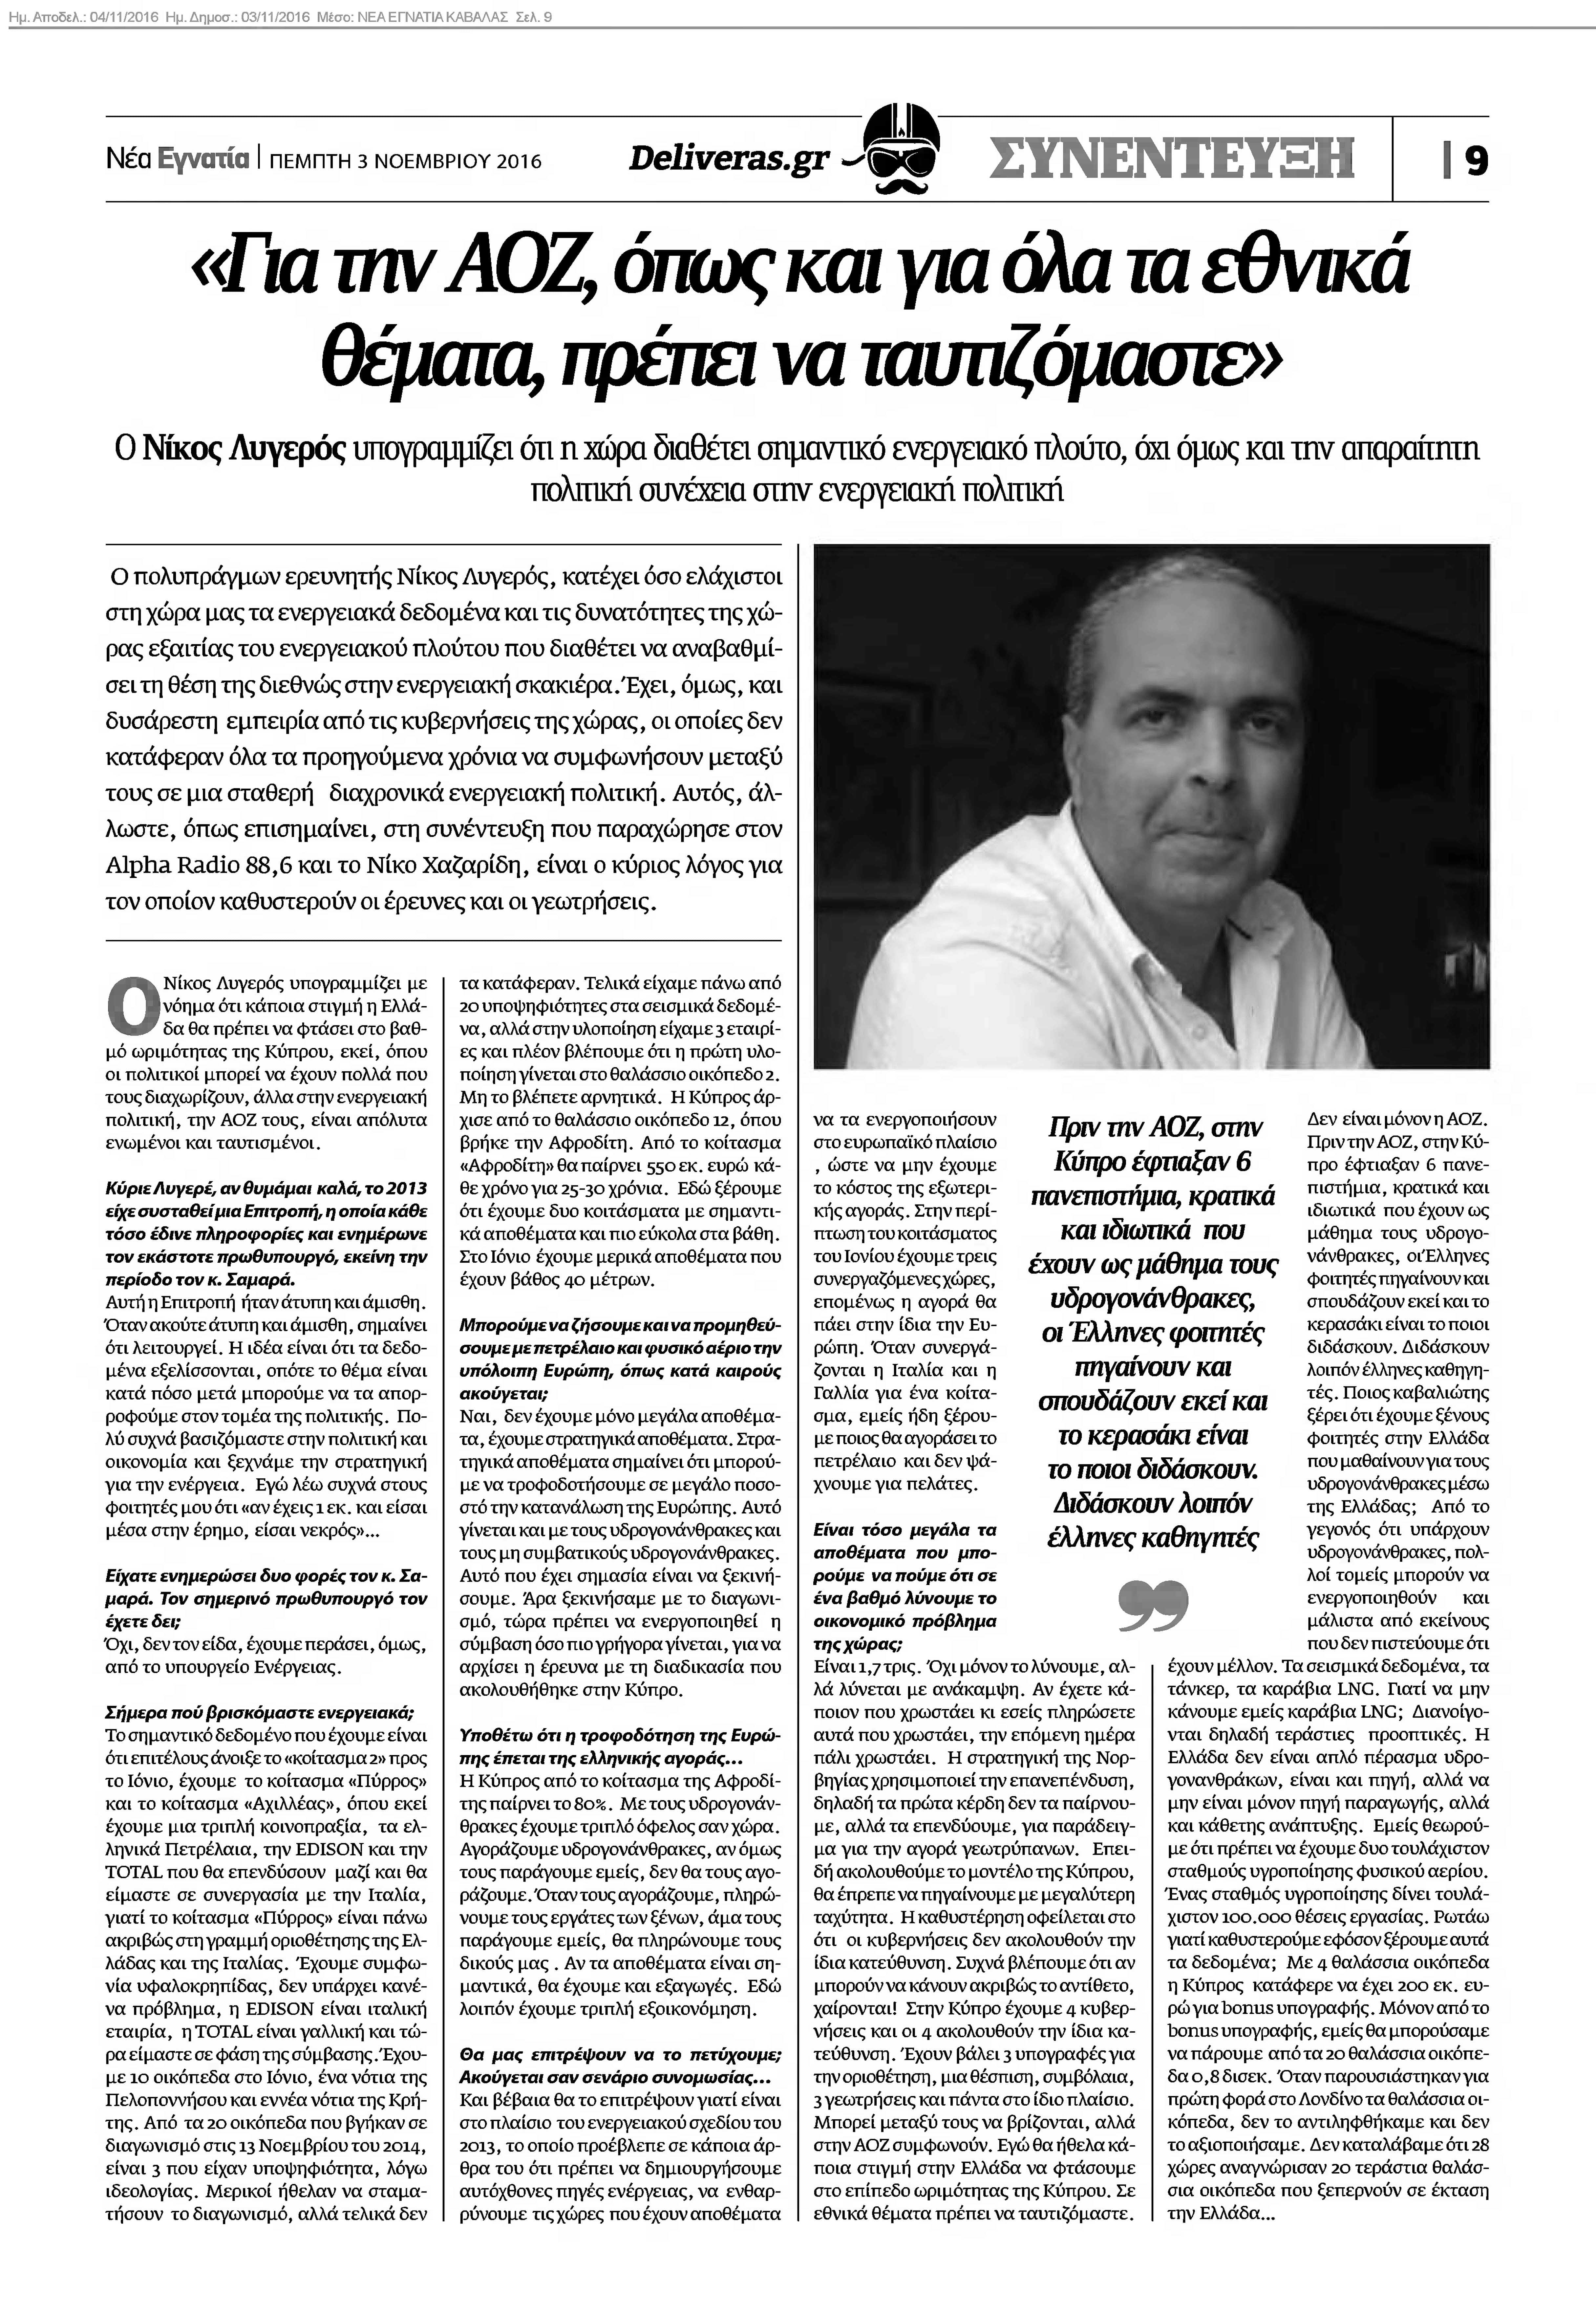 Συνέντευξη του Ν. Λυγερού στην Εφημερίδα Νέα Εγνατία. Καβάλα, 03/11/2016 -